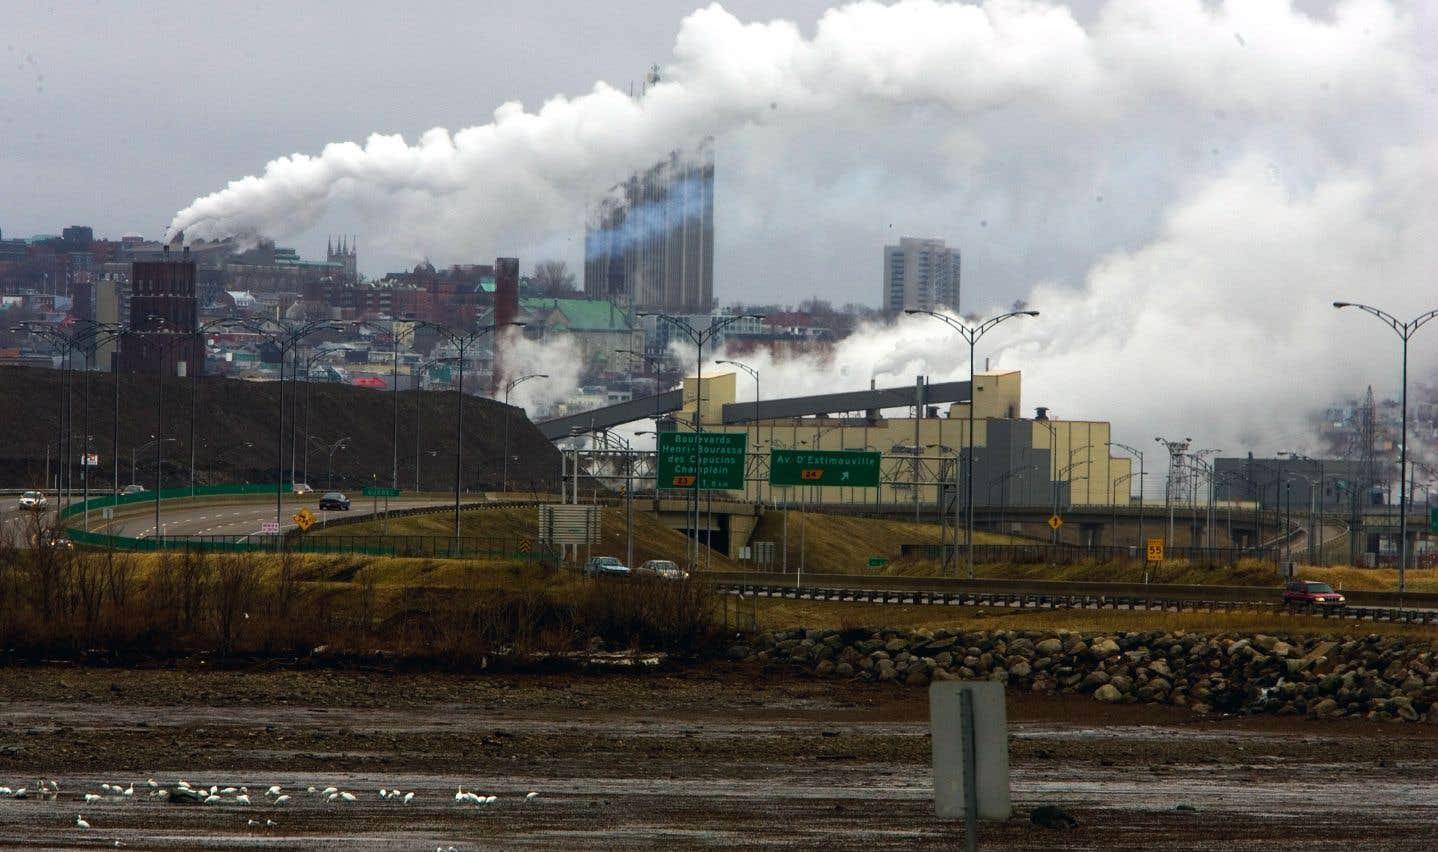 Un rapport de l'ONU sur le réchauffement climatique donne froid dans le dos